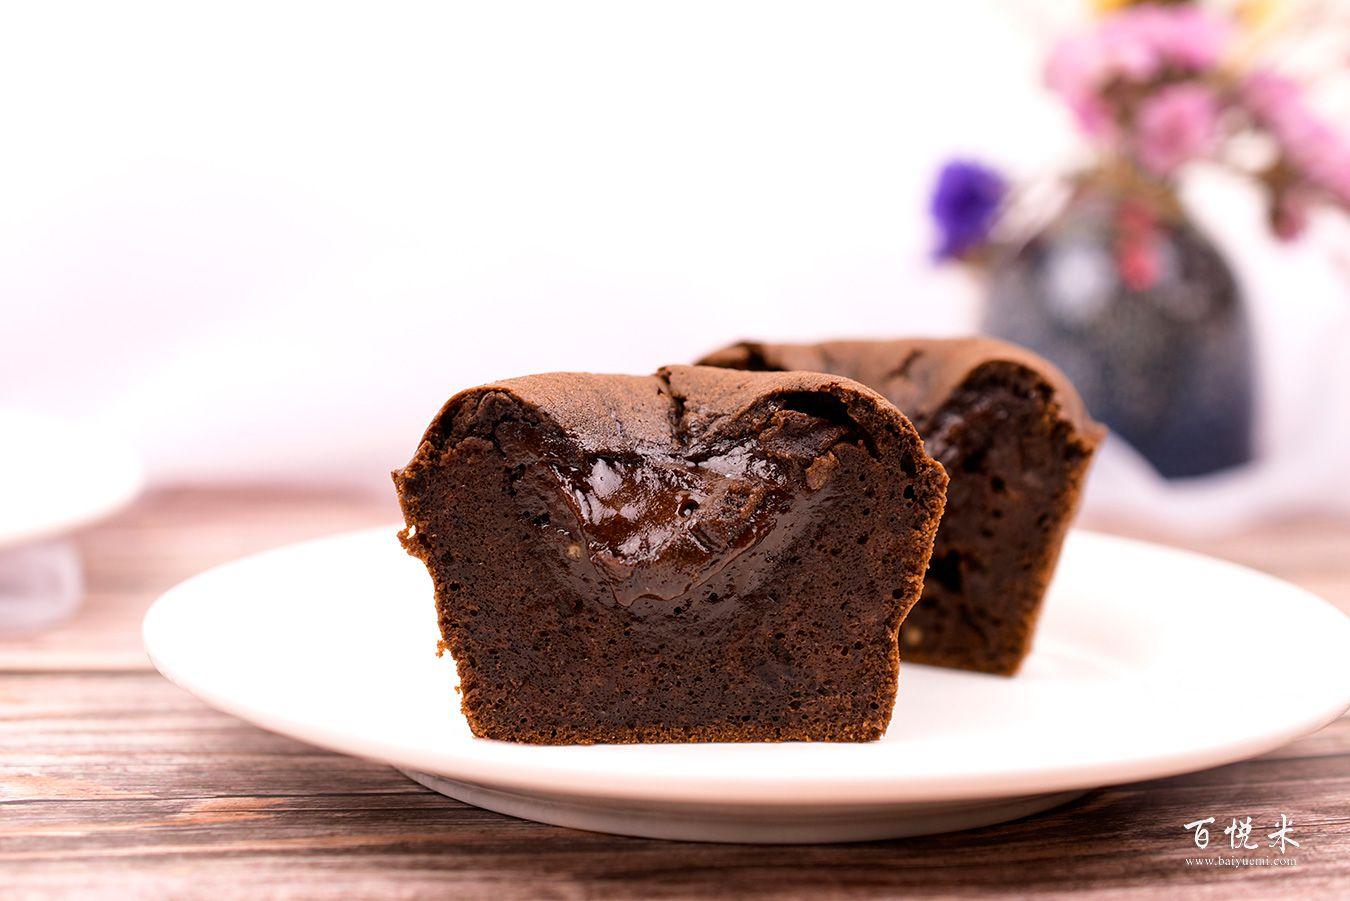 巧克力熔岩蛋糕高清图片大全【蛋糕图片】_842